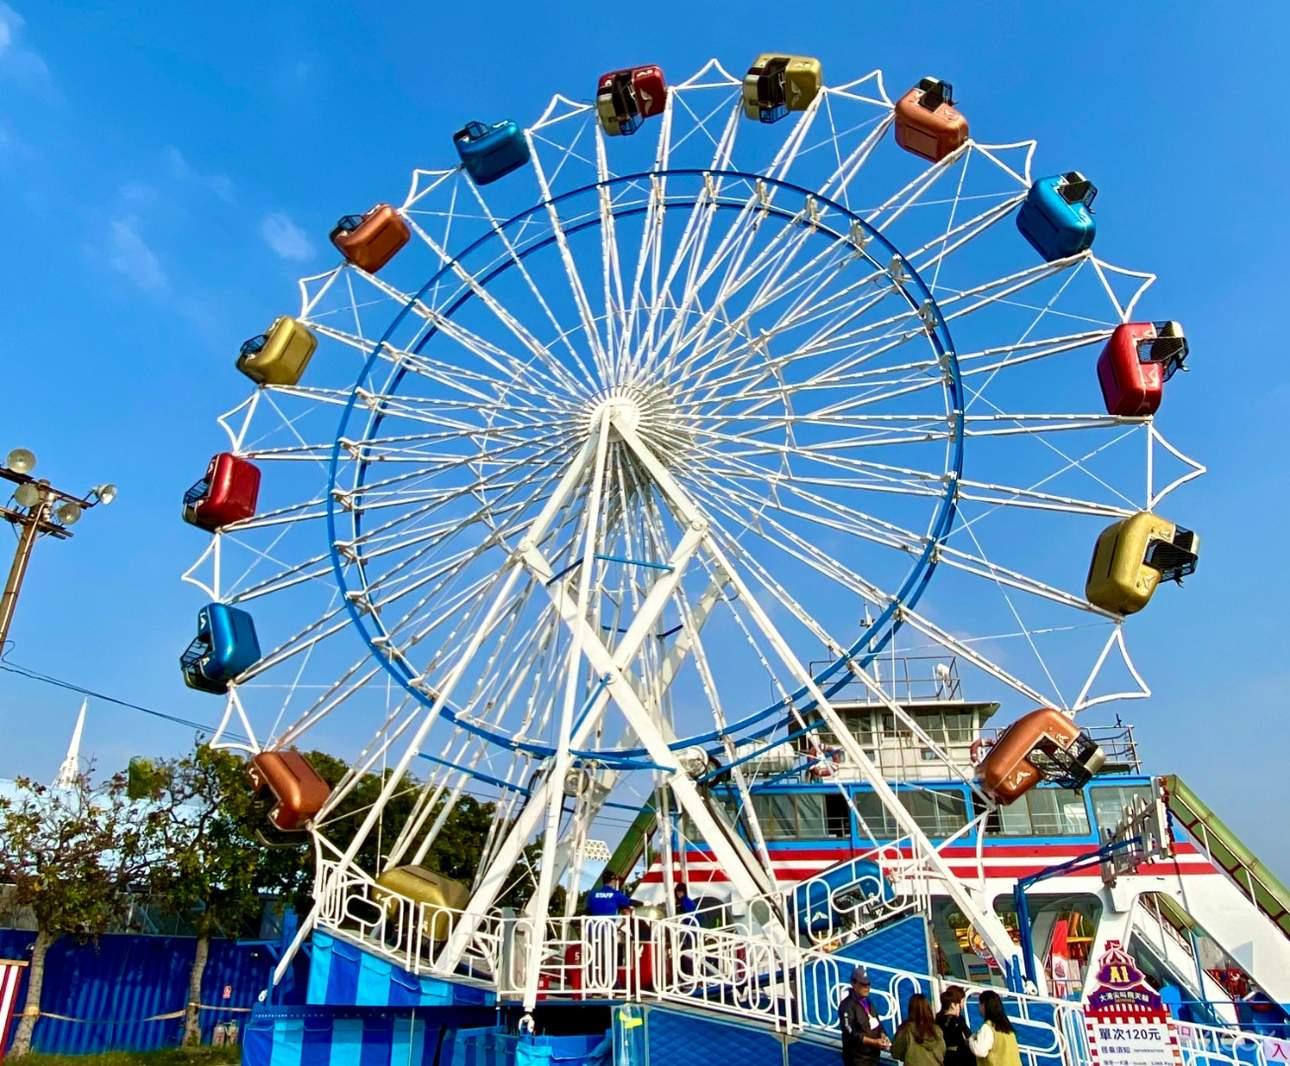 25公尺8層樓高、車廂會360度旋轉的《Sky Diver瘋狂尖叫摩天輪》,等你來挑戰!